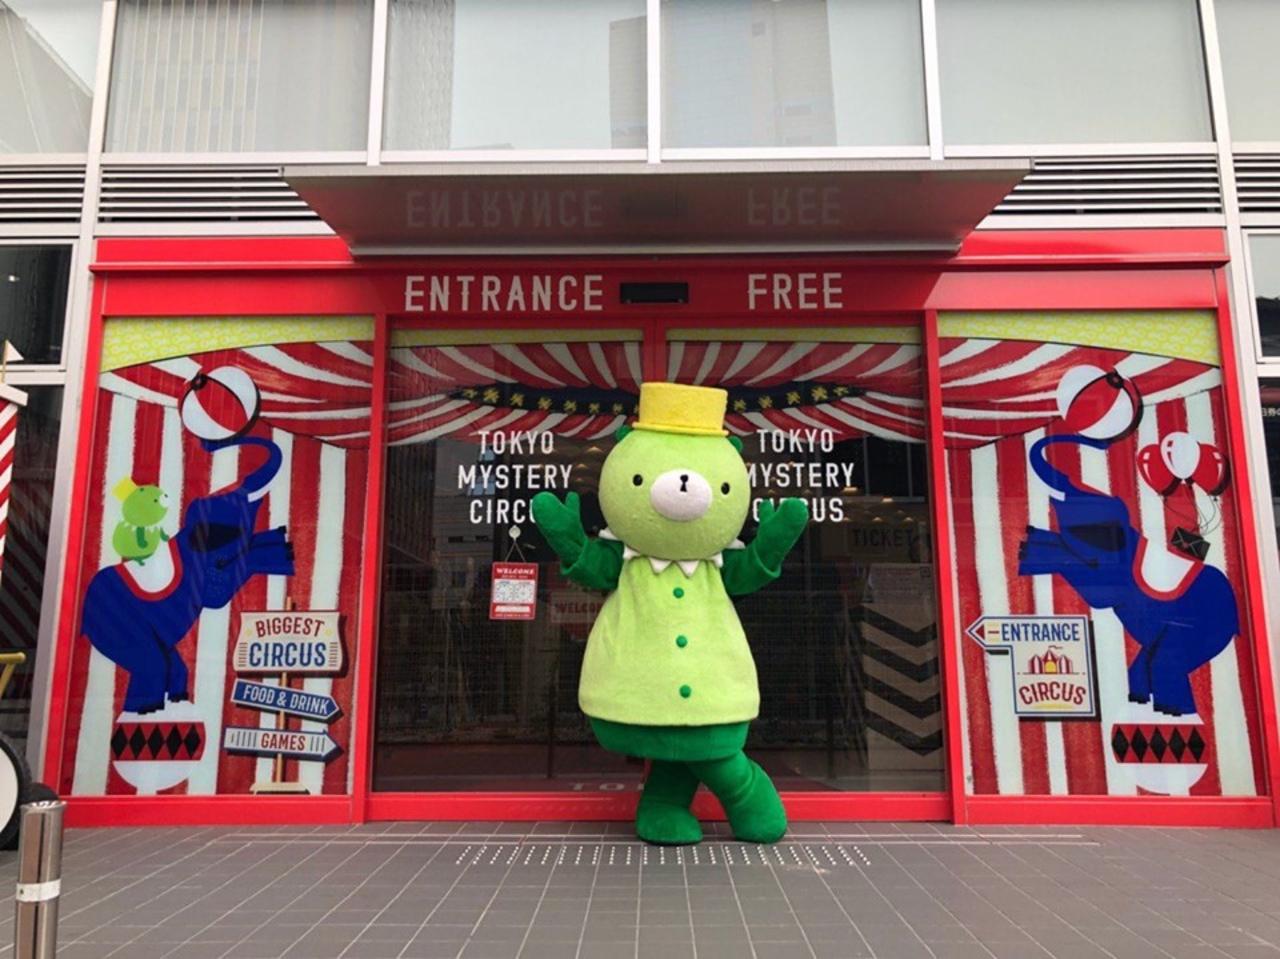 世界一謎があるエンターテインメントパーク...東京都新宿区歌舞伎町1丁目の「東京ミステリーサーカス」